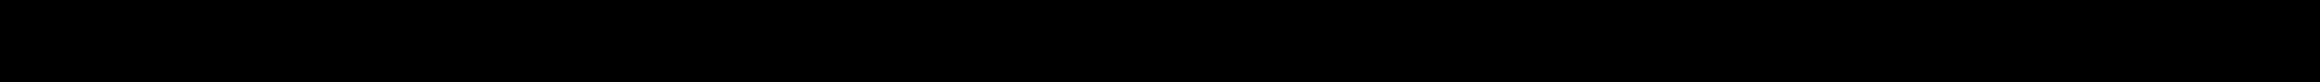 RIDEX 169115, 95 661 749, 96 012 770, 4246.G6, 4246.G6 SK Bremsscheibe